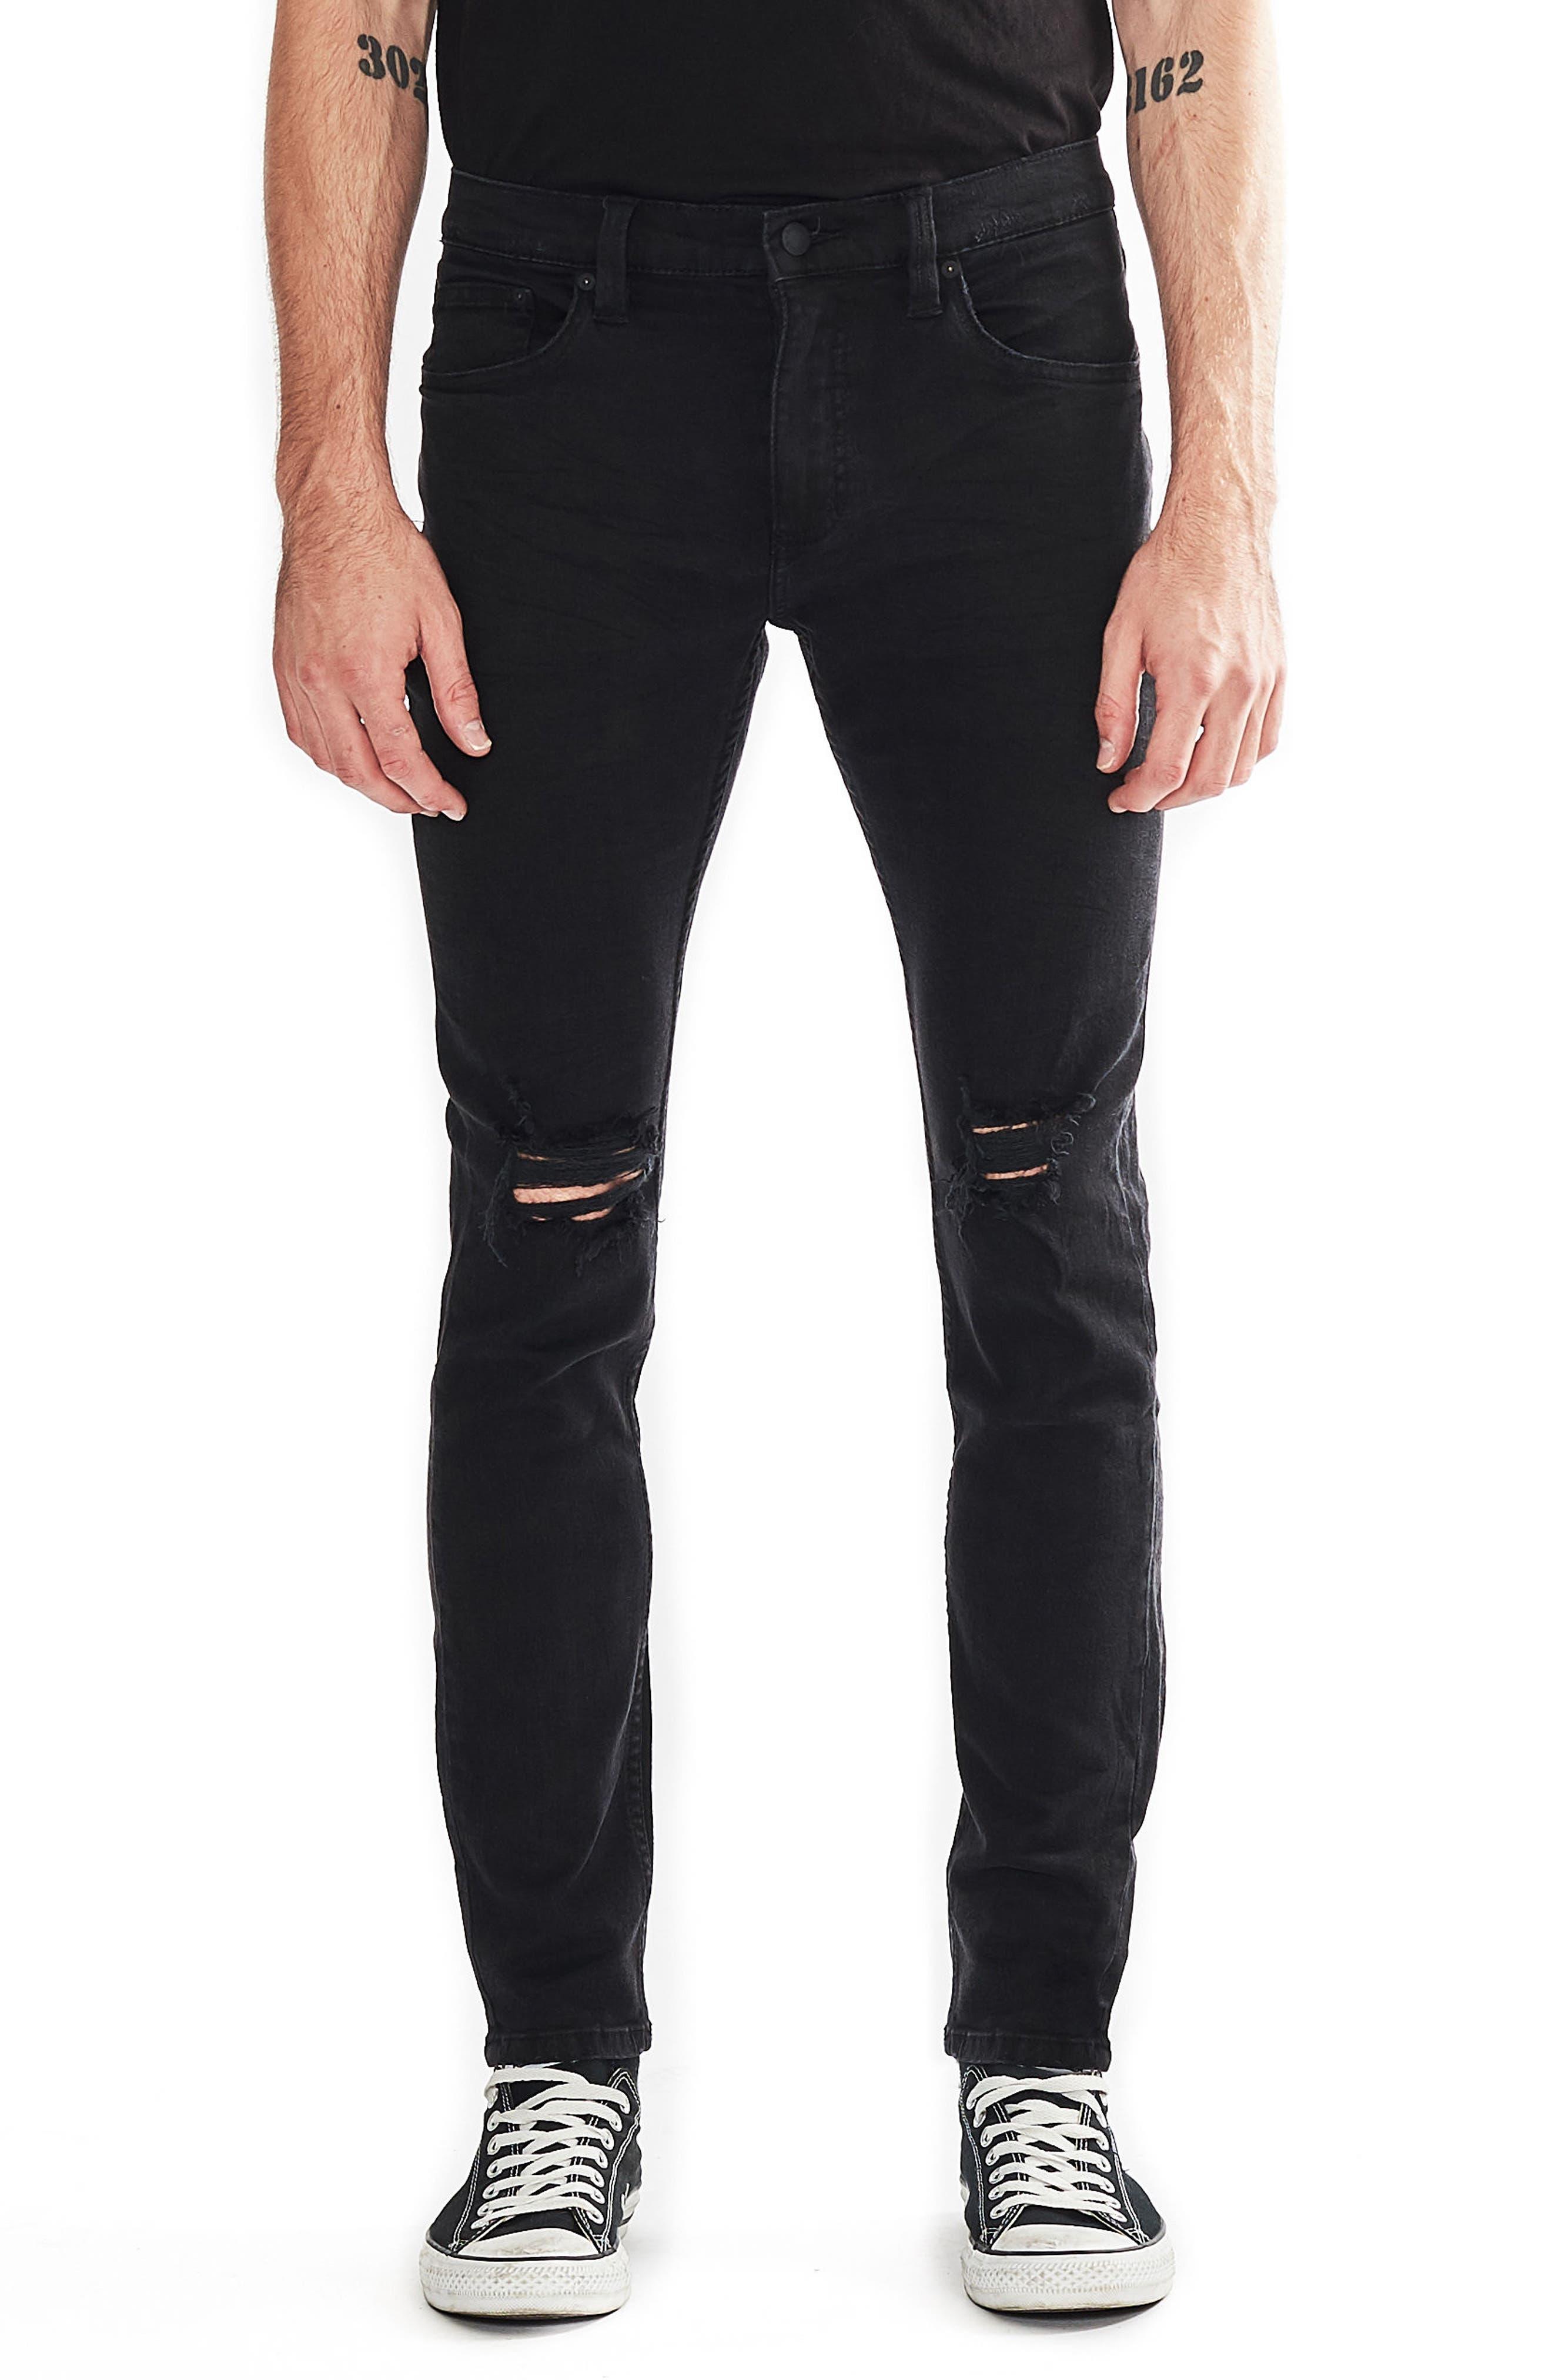 Stinger Skinny Fit Jeans,                         Main,                         color, Black Hole